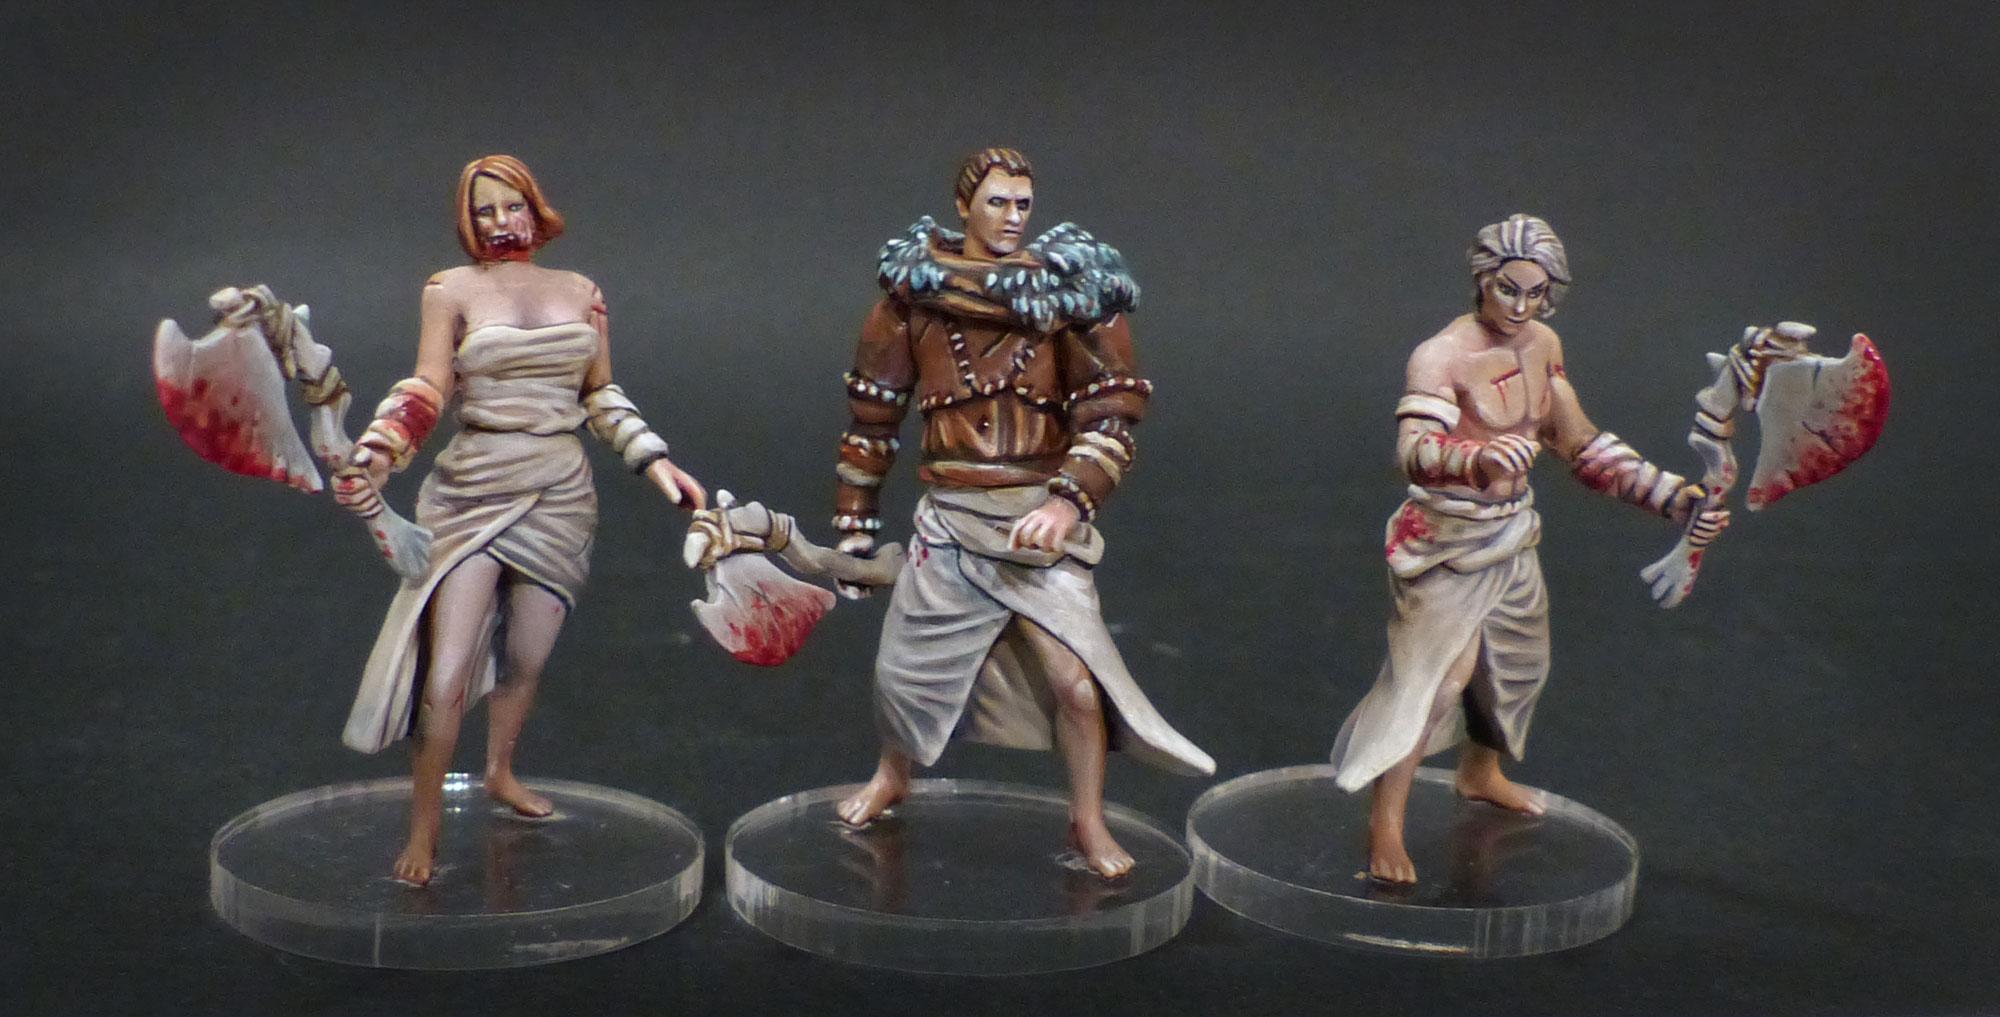 Les travaux d'Ivankaiser : ZOMBICIDE, Gohan et sa bande ! - Page 5 Survivants-kingdom-death-1